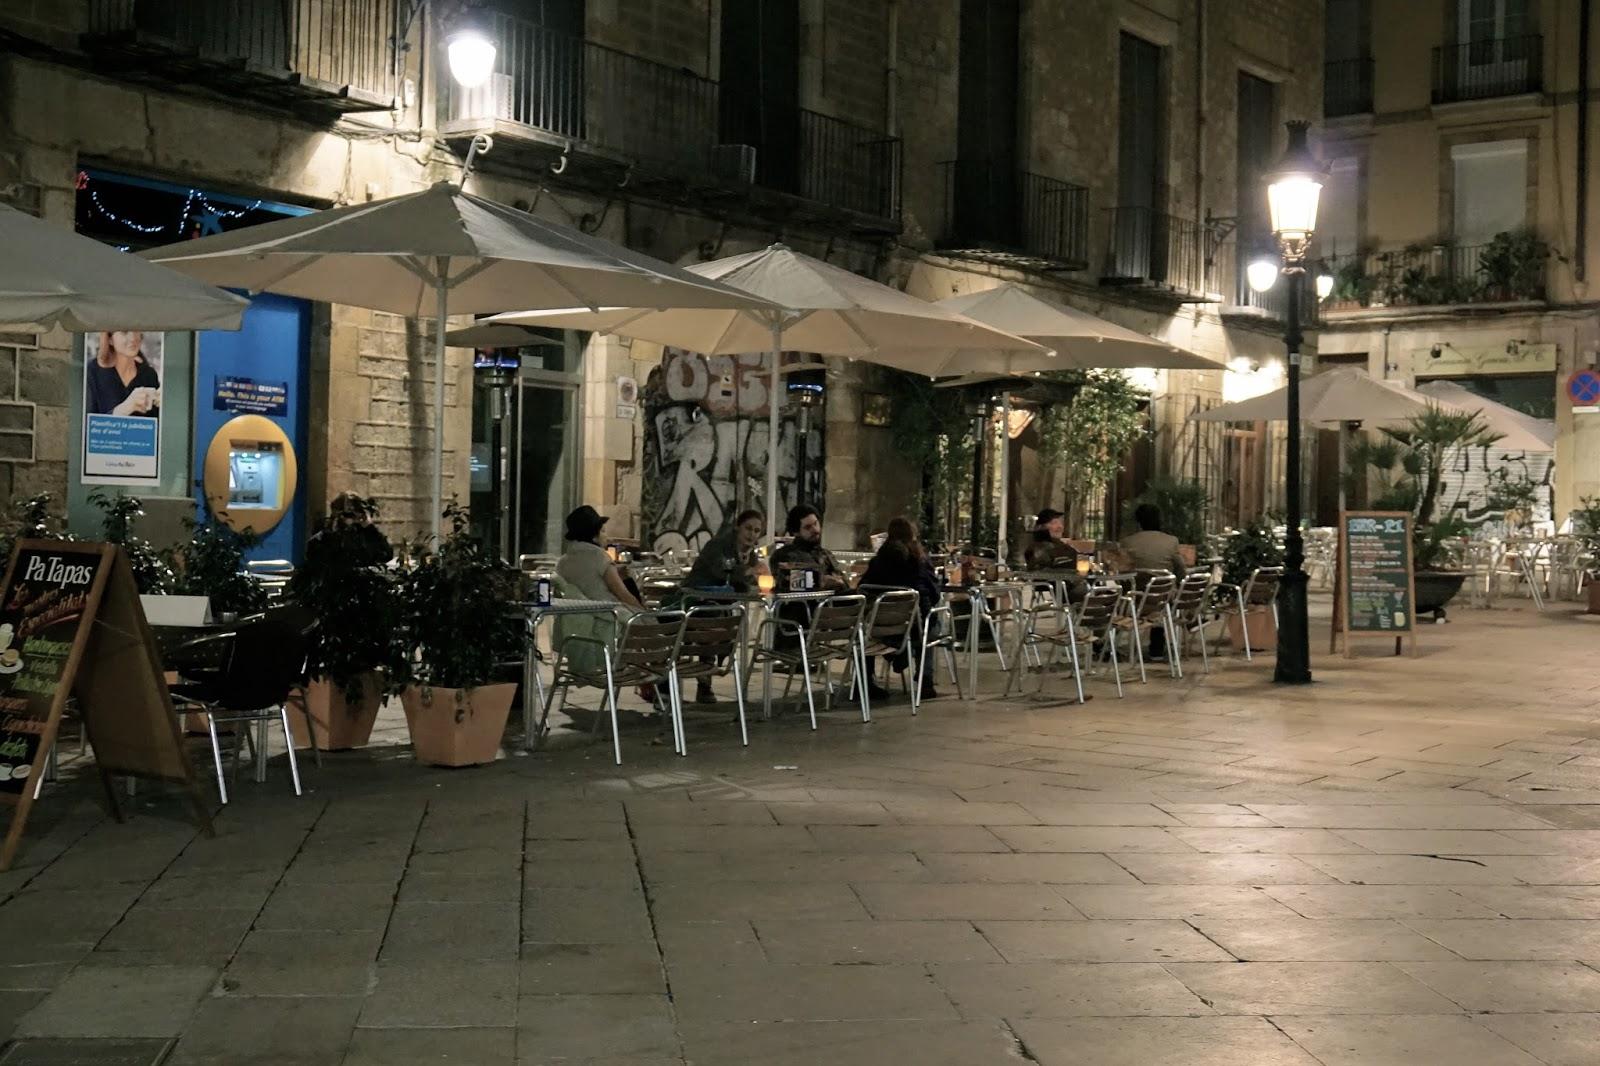 サン・ジョセップ・オリオール広場(Plaça de Sant Josep Oriol)